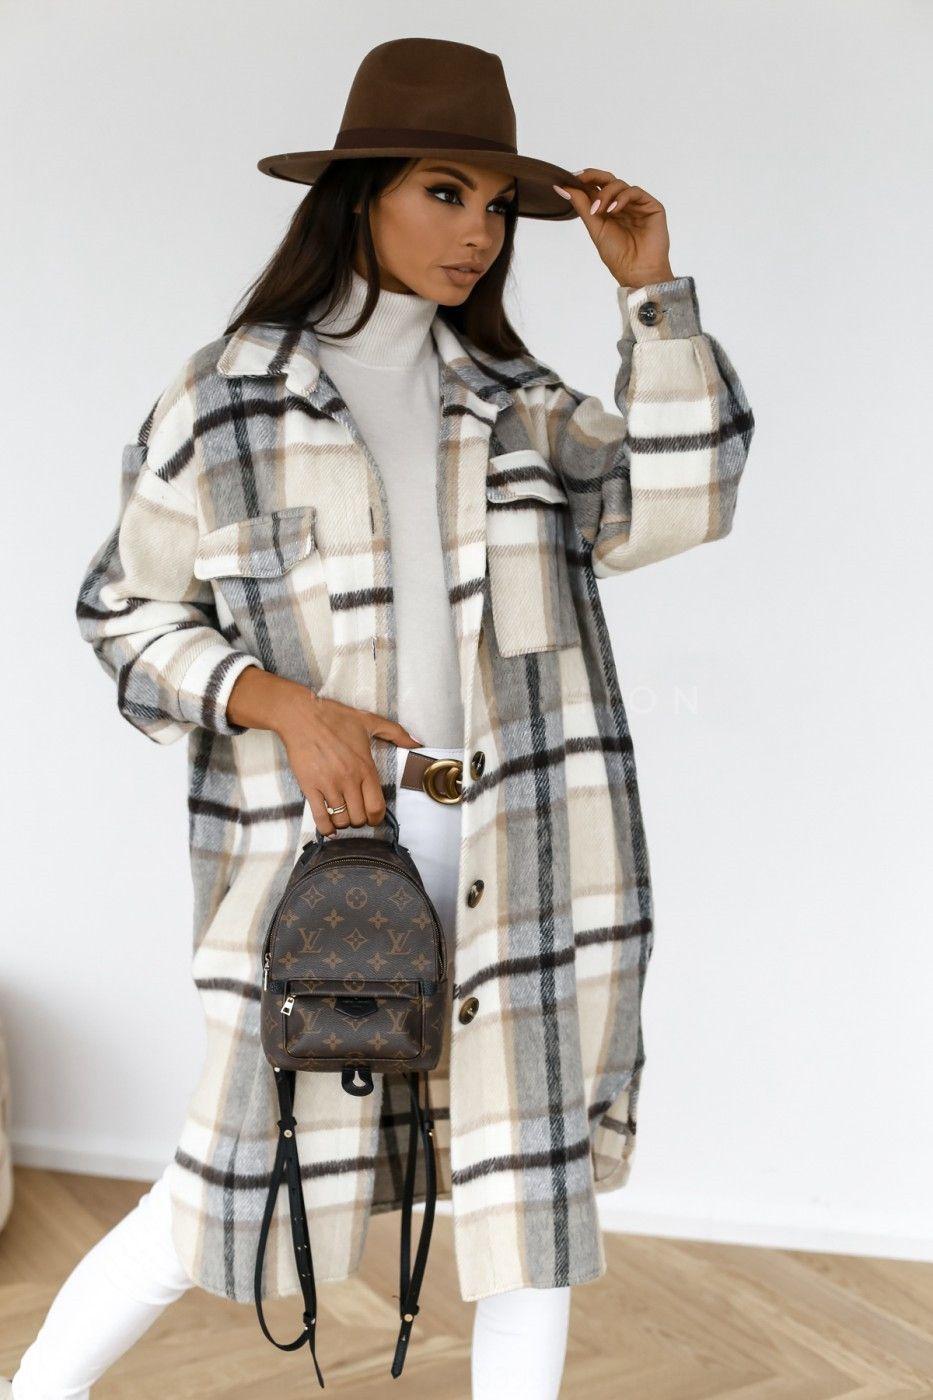 5b0m зимняя снежка пальто глянцевые женщины теплый большой меховой воротник парку вниз куртки женские свободные длинные пуховики зима парки одежда